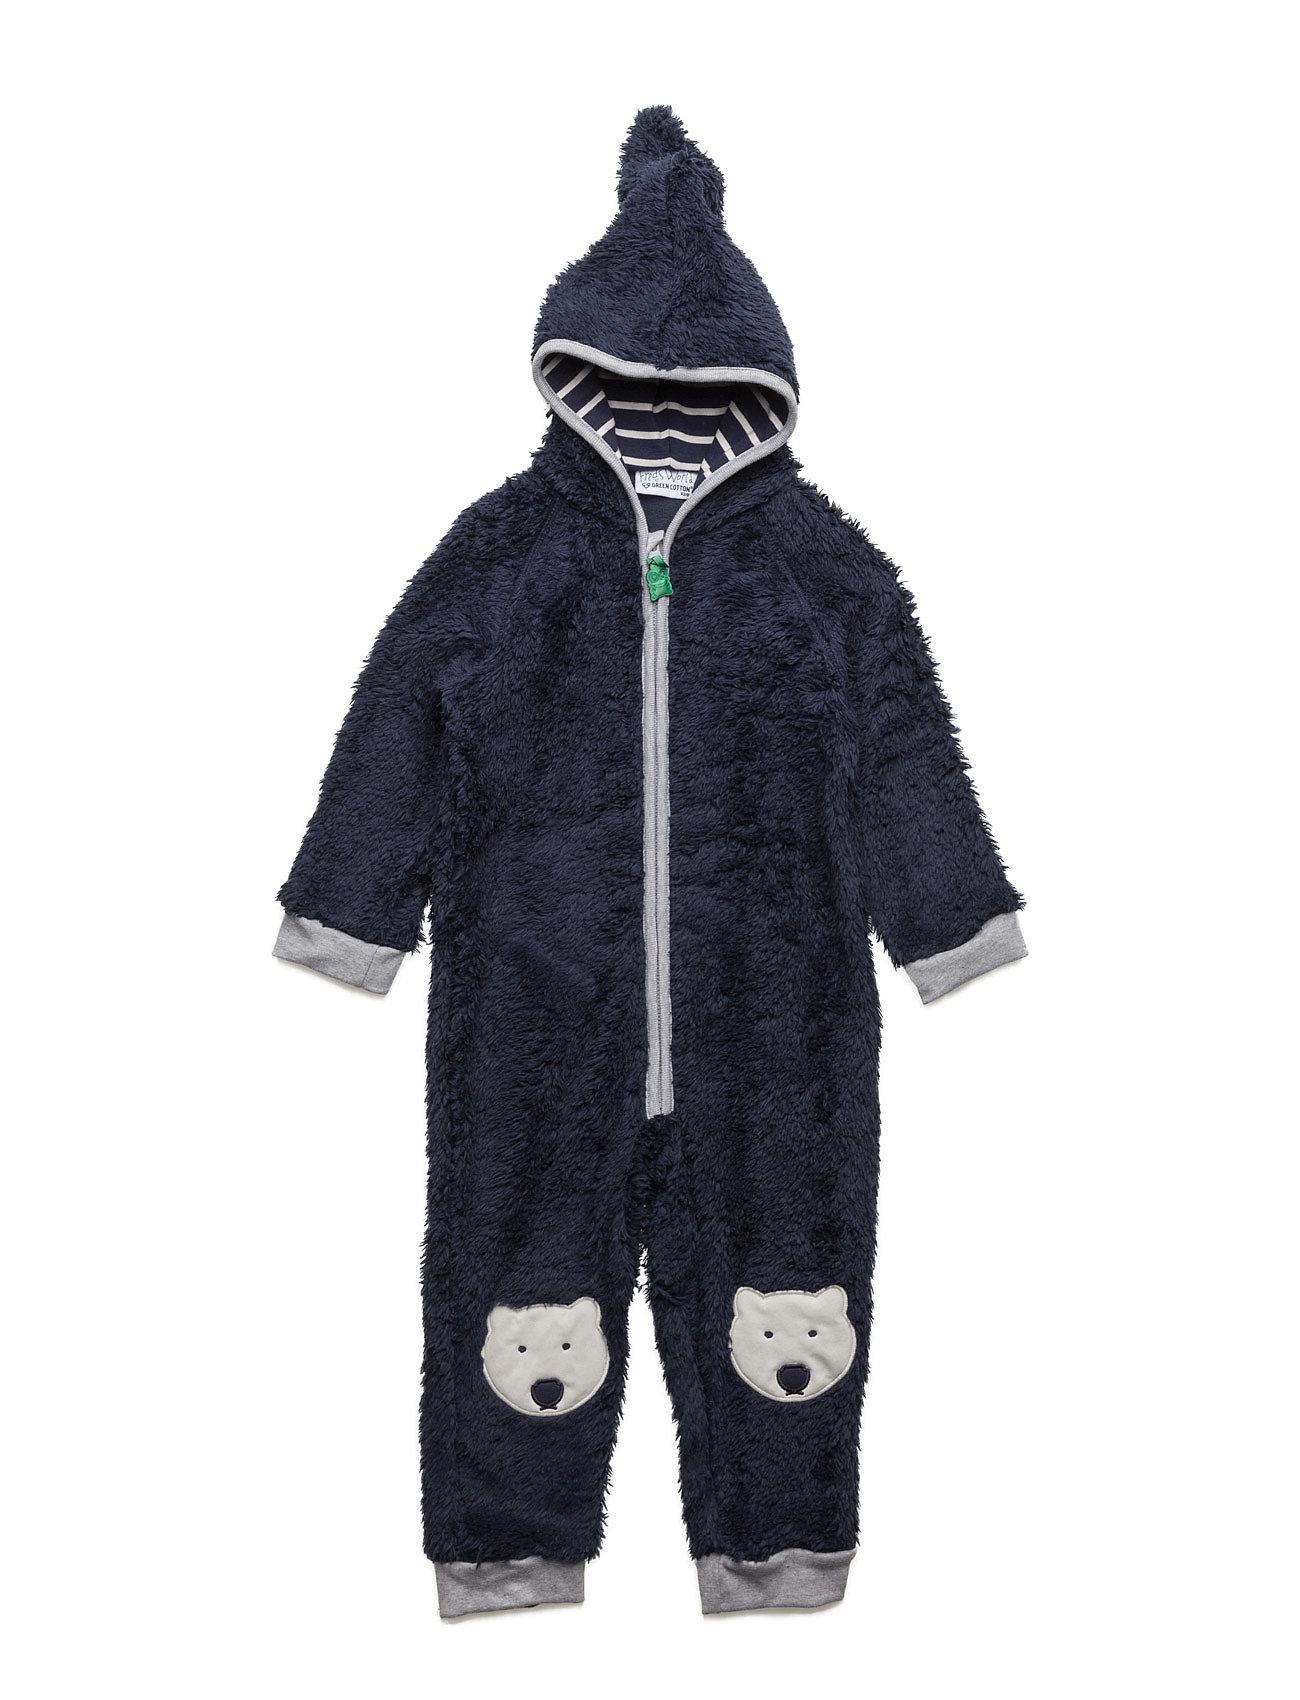 Bear Fleece Suit Freds World Fleece til Børn i Navy blå